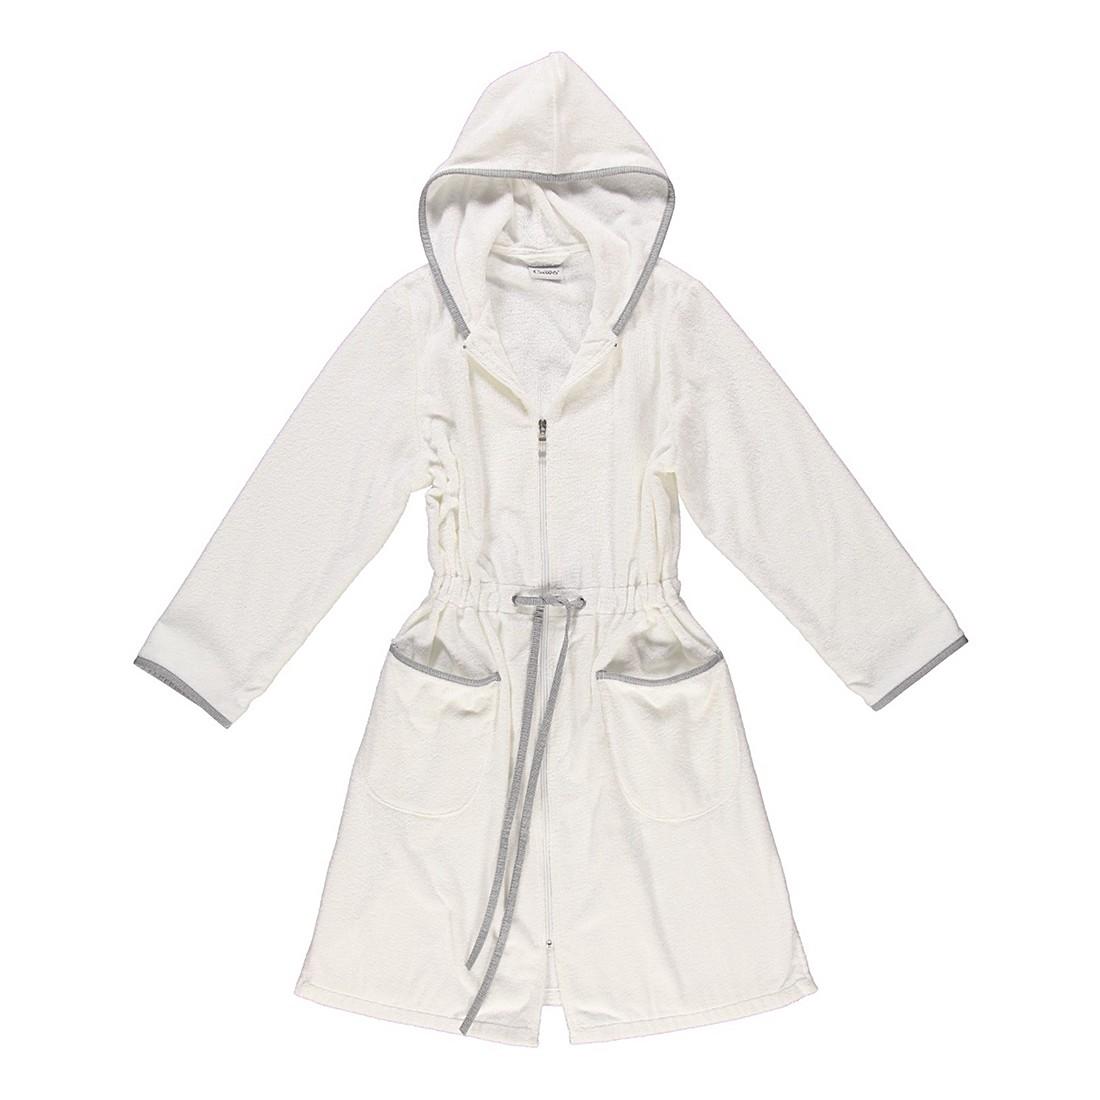 Bademantel 4103 – Damen – FRottier – 100% Baumwolle Weiß – 600 – Größe: S, Cawö günstig